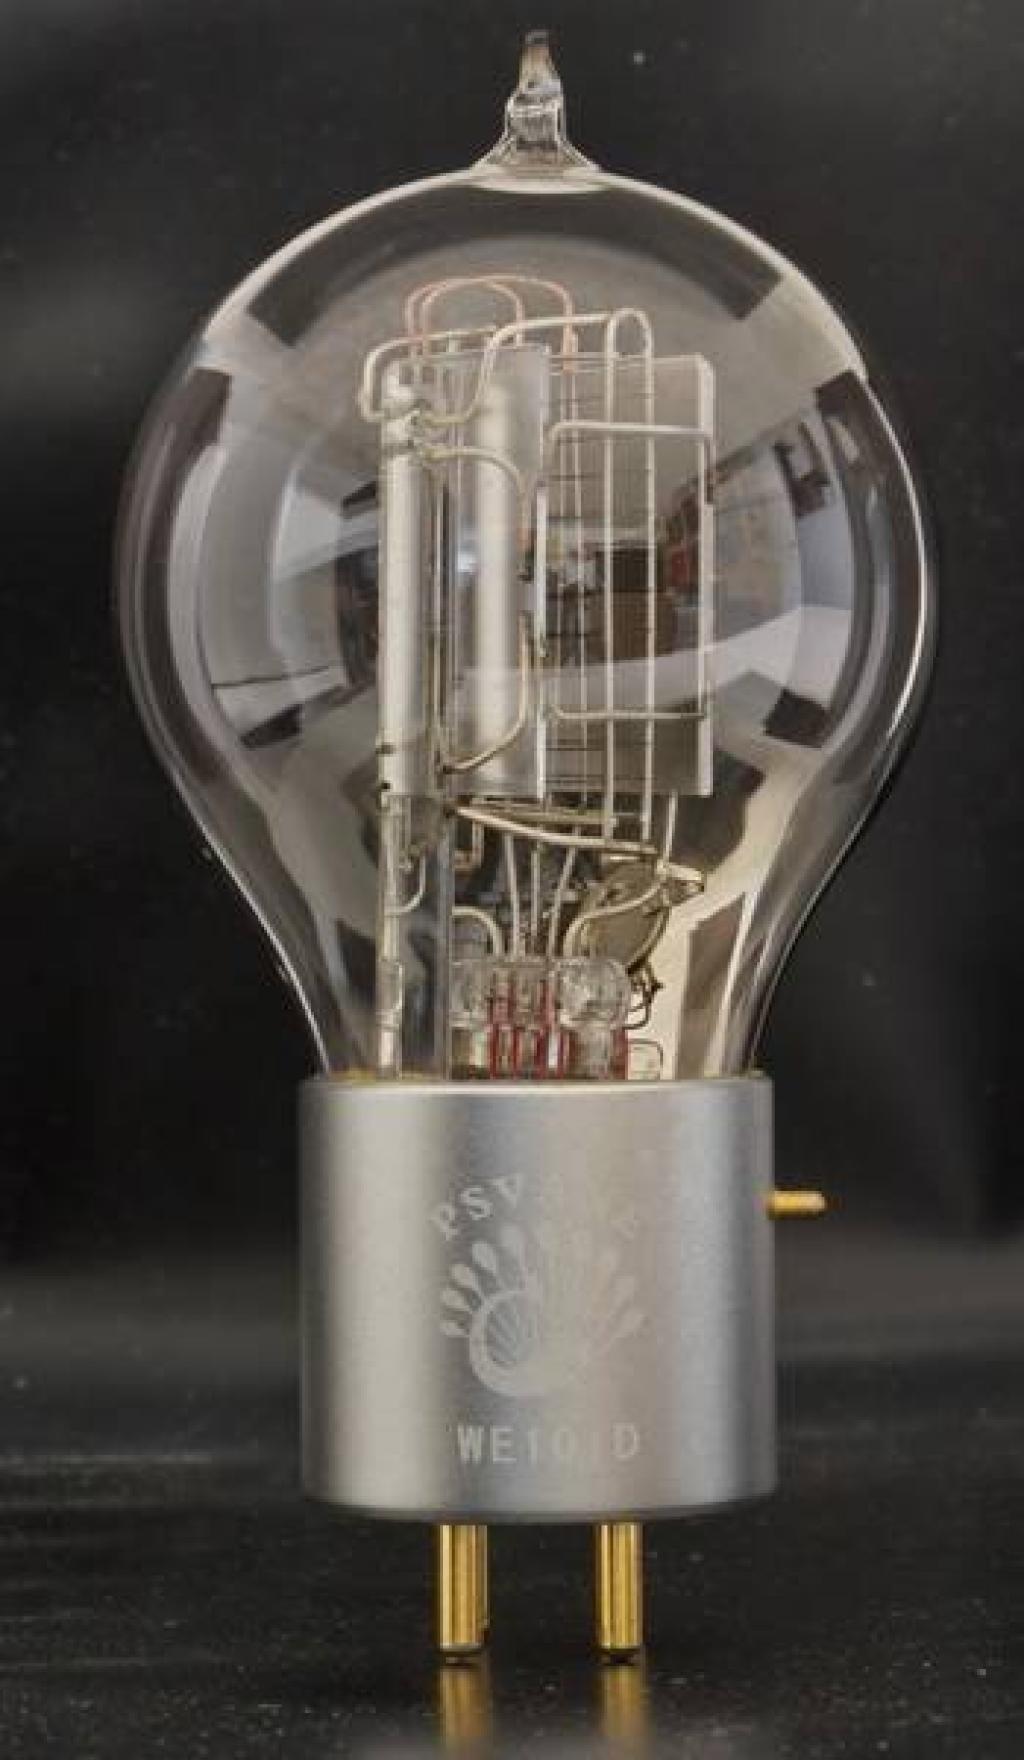 Lampa NOS ( Tub ) Psvane WE101D short pin version